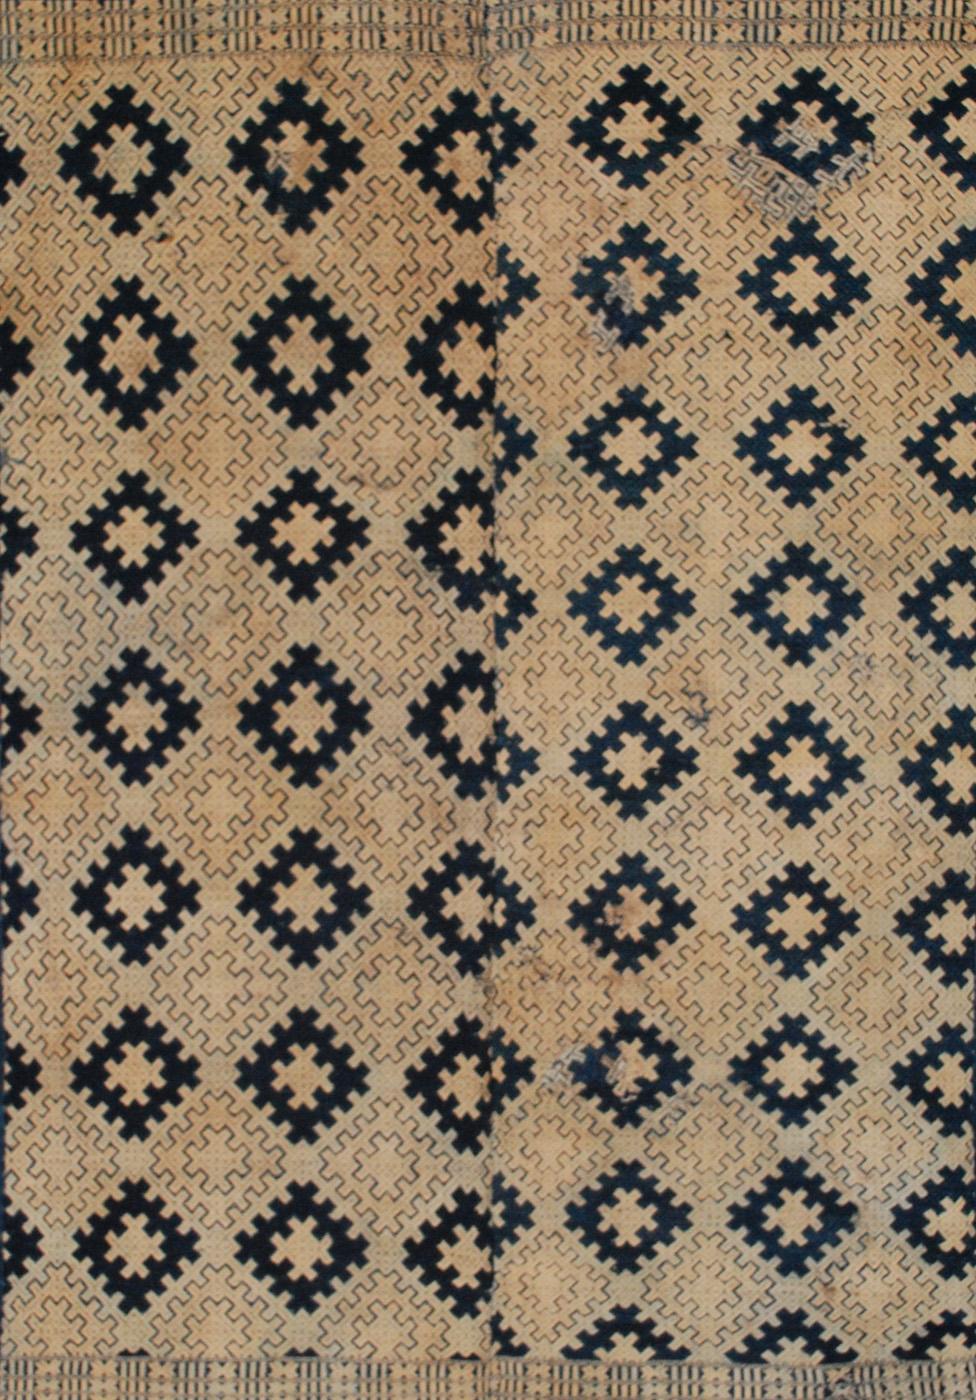 Antique Textiles-Past Sales - Noonmark Antiques